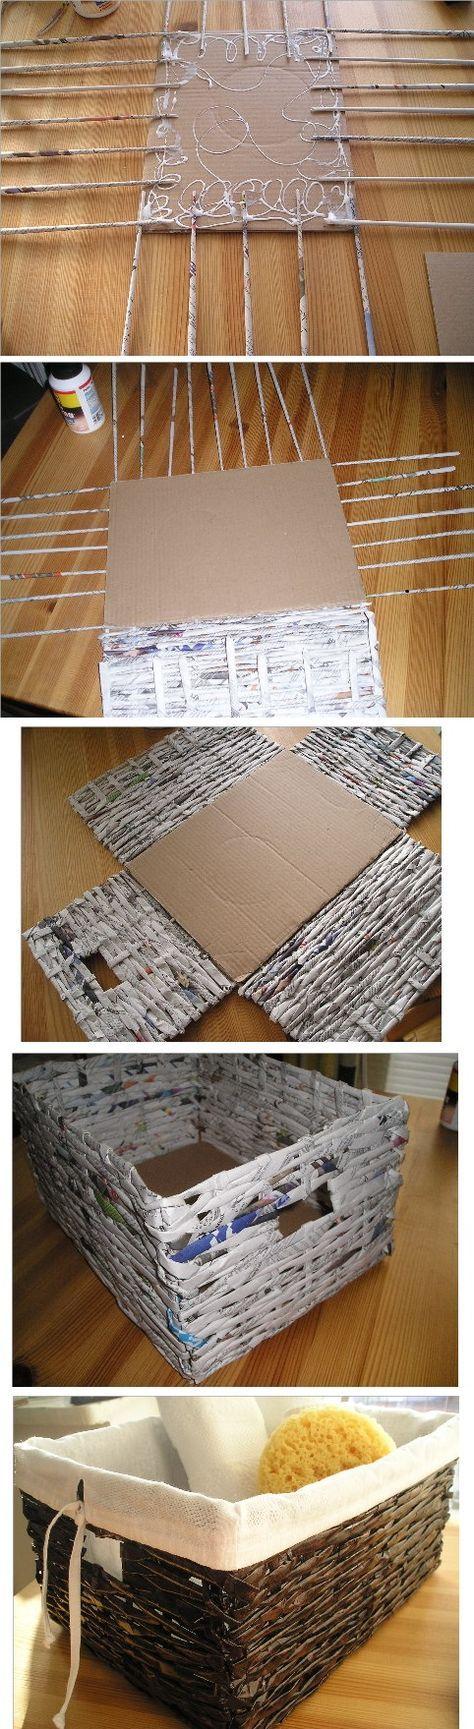 Canasto de papel. Ideal para guardar cosas en los estantes del baño!